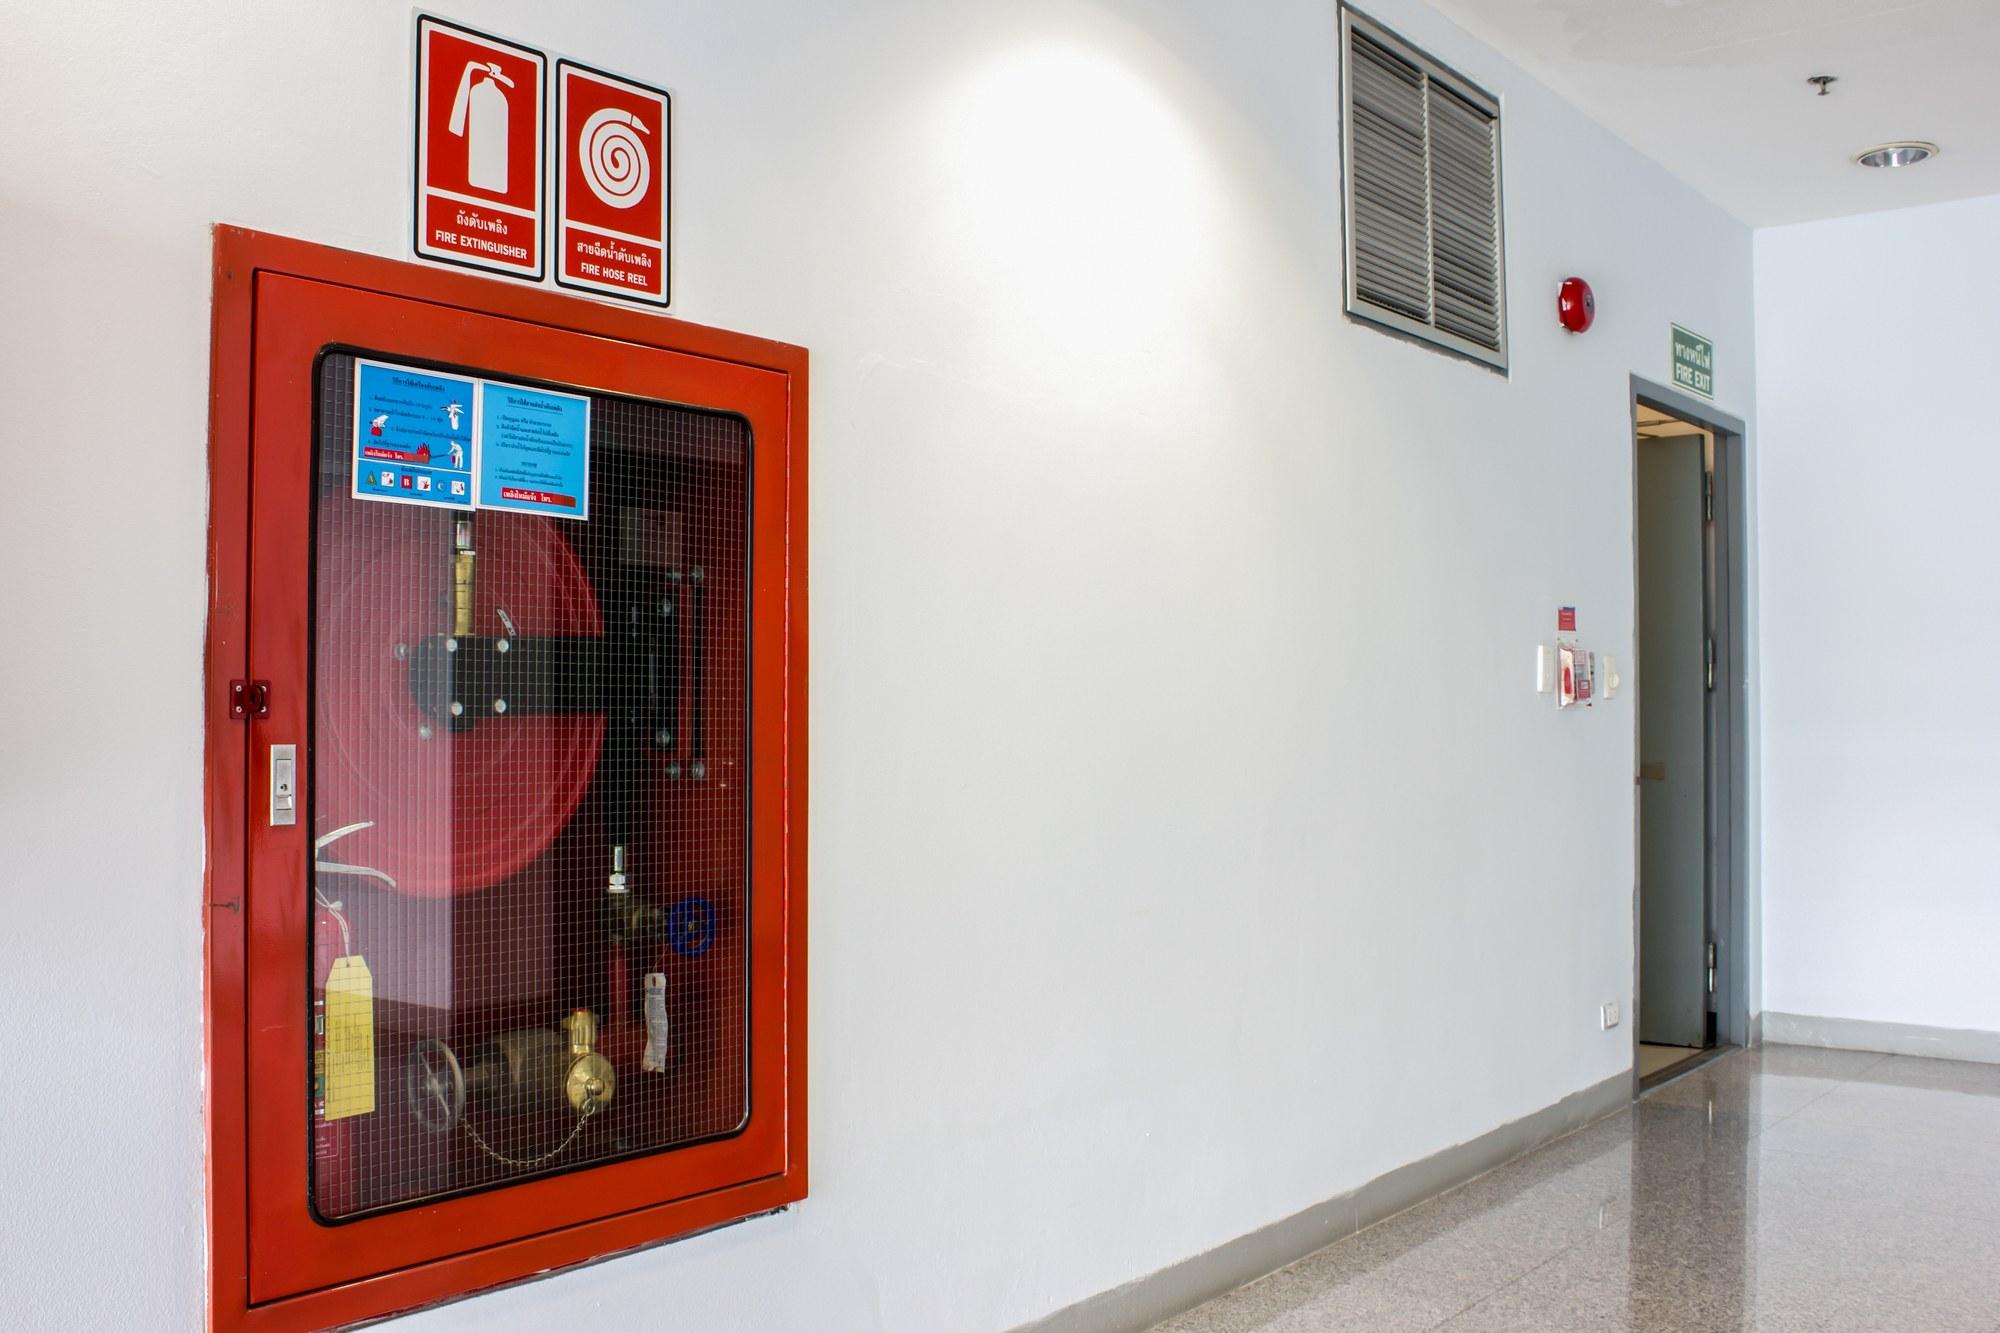 Brandsicherheit essen, Brandschutz, Brandwache, Sicherheitsdienst, Brandsicherheitswache in Frankfurt und Umgebung